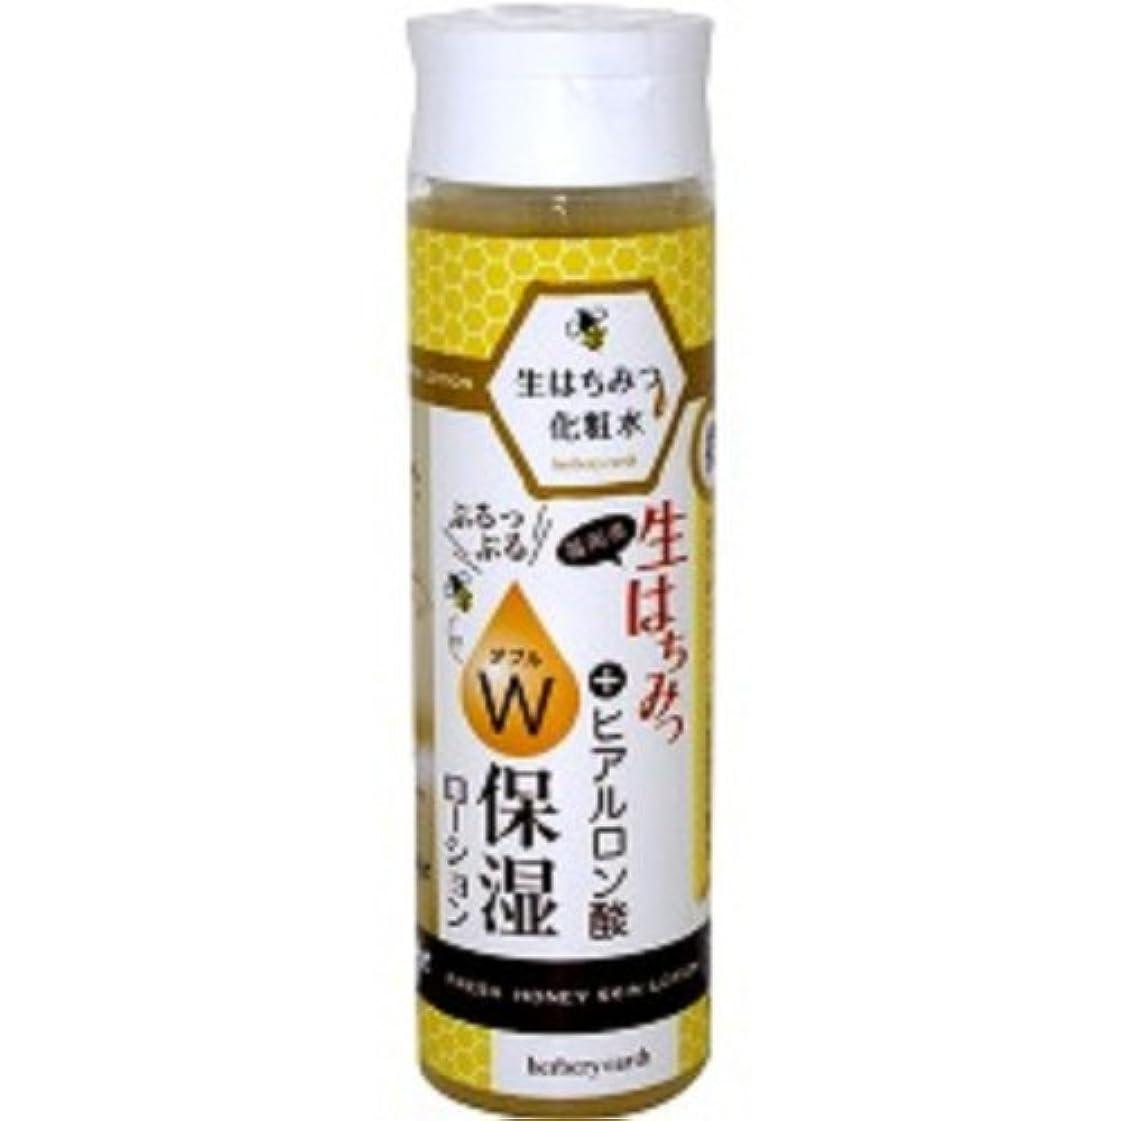 有利賢い灰生はちみつ化粧水 W保湿スキンローション